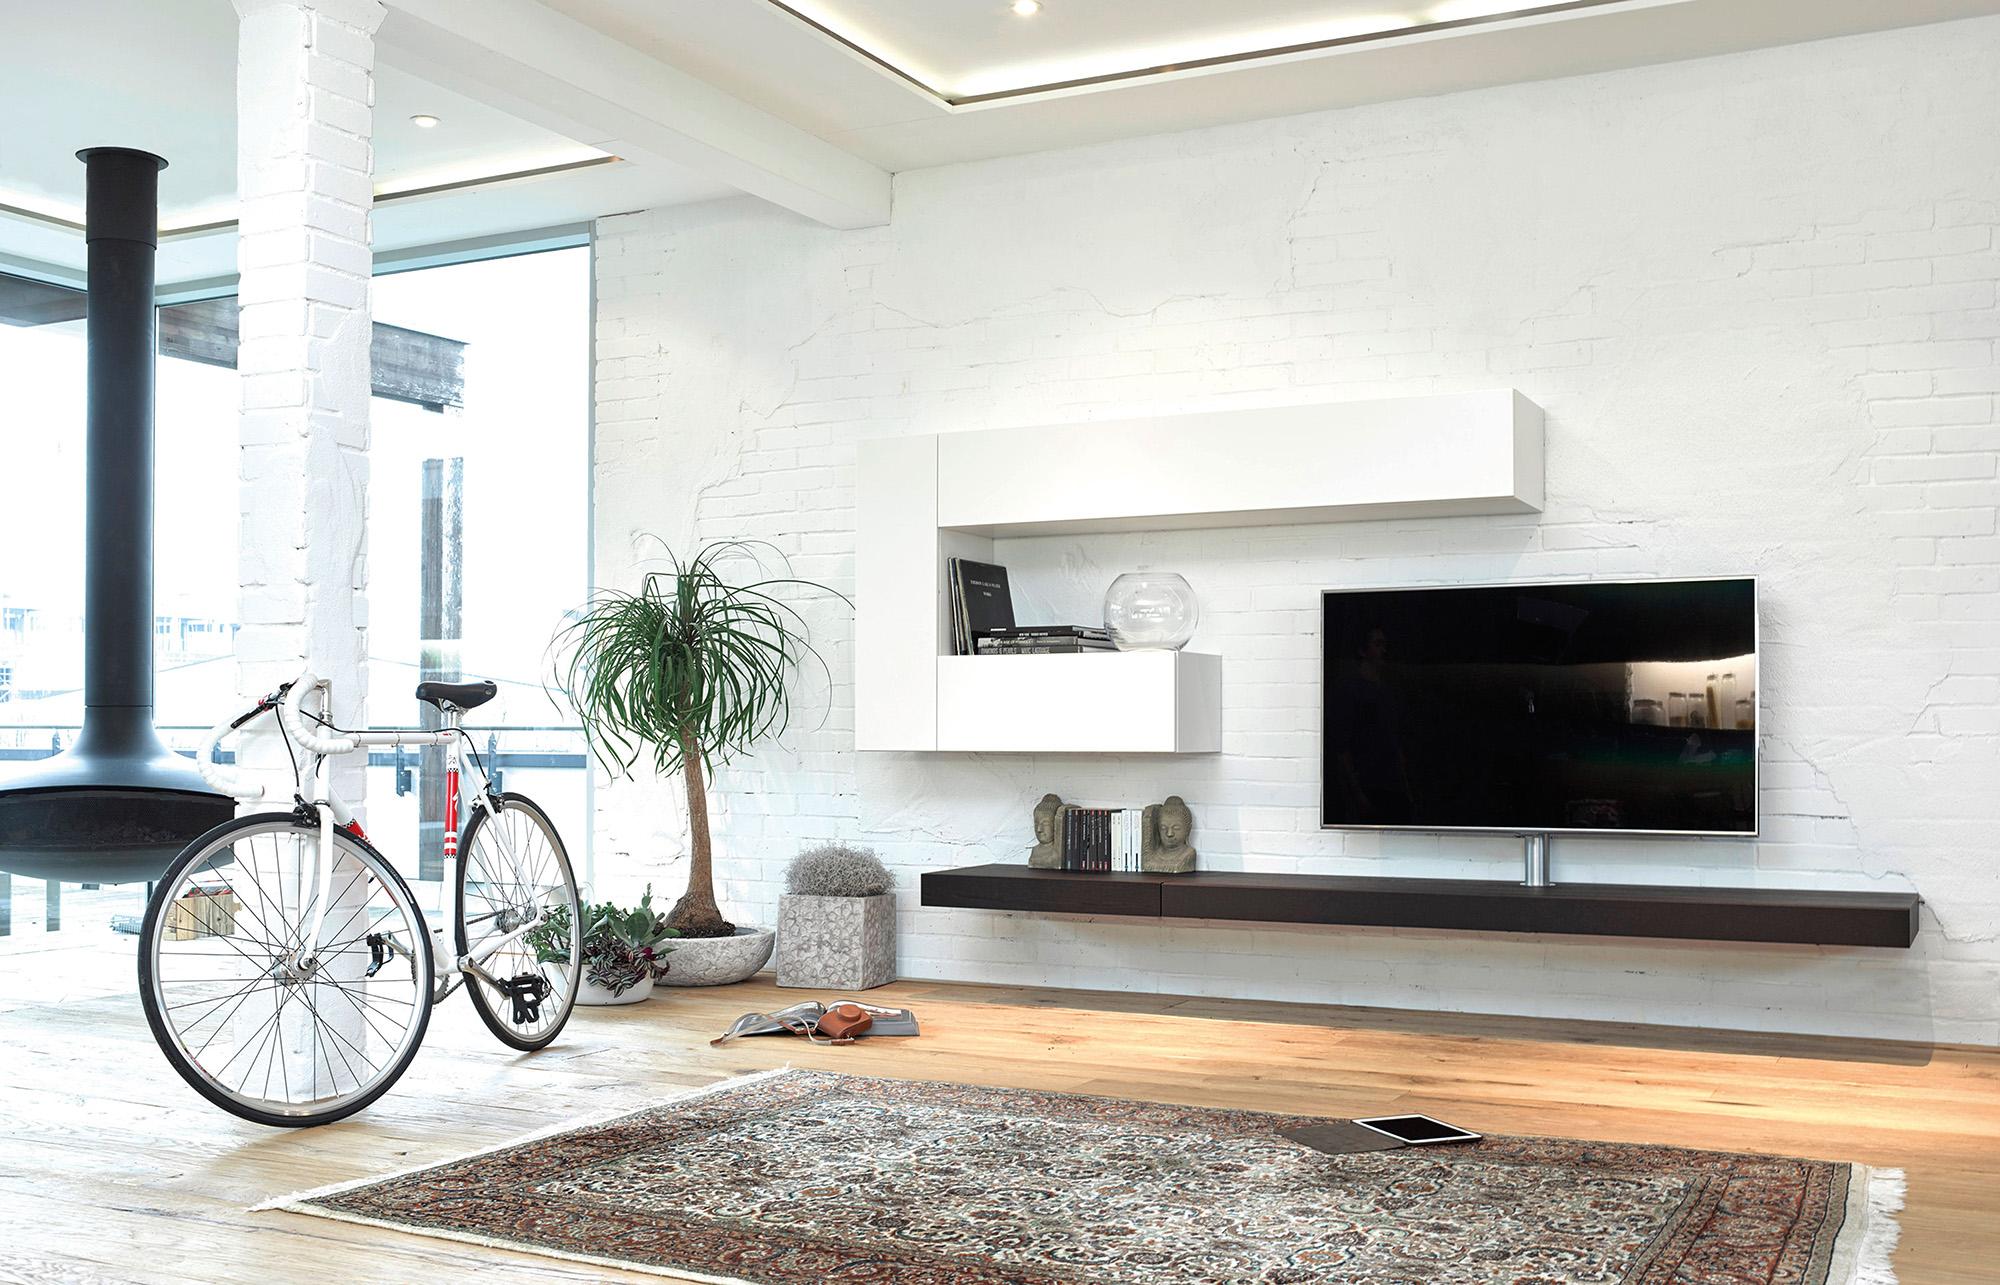 Audio Möbel spectral positioniert sich als spezialist für smart furniture